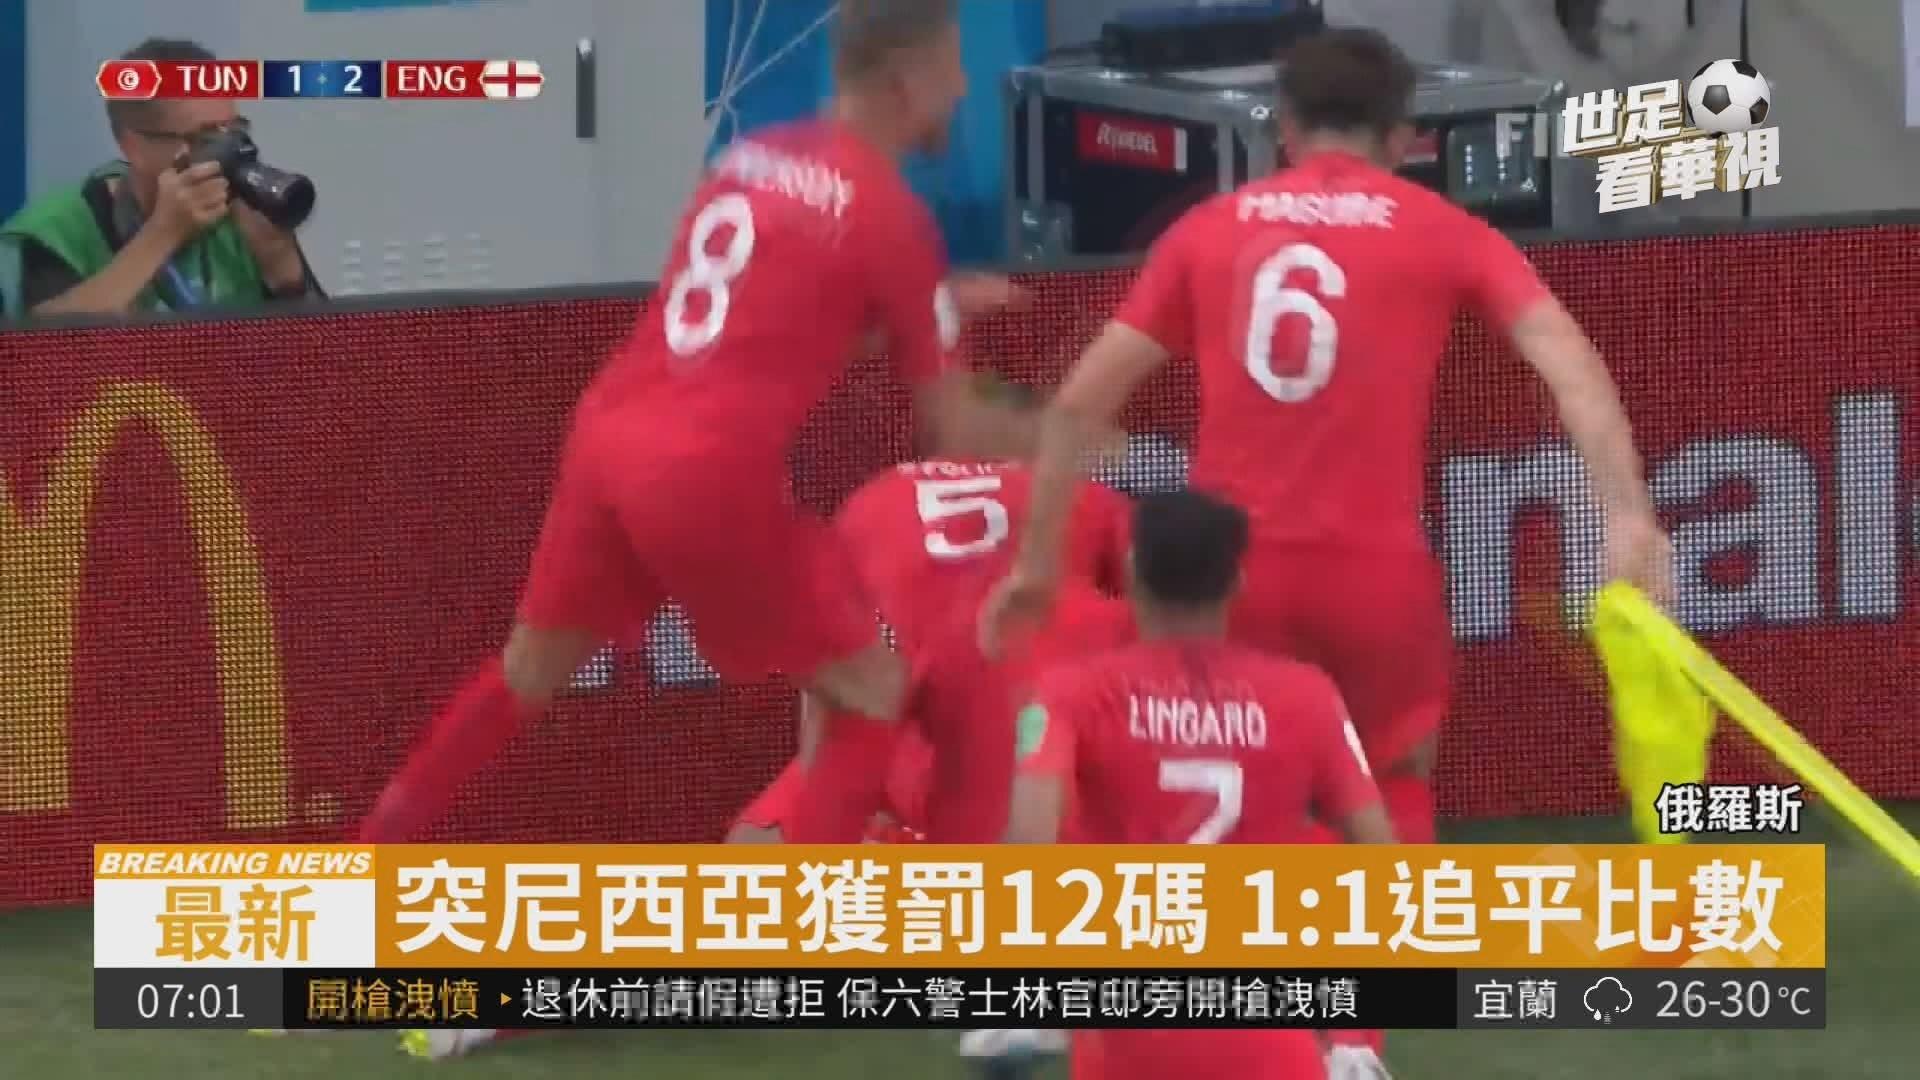 隊長獨進2球 英格蘭2:1擊敗突尼西亞